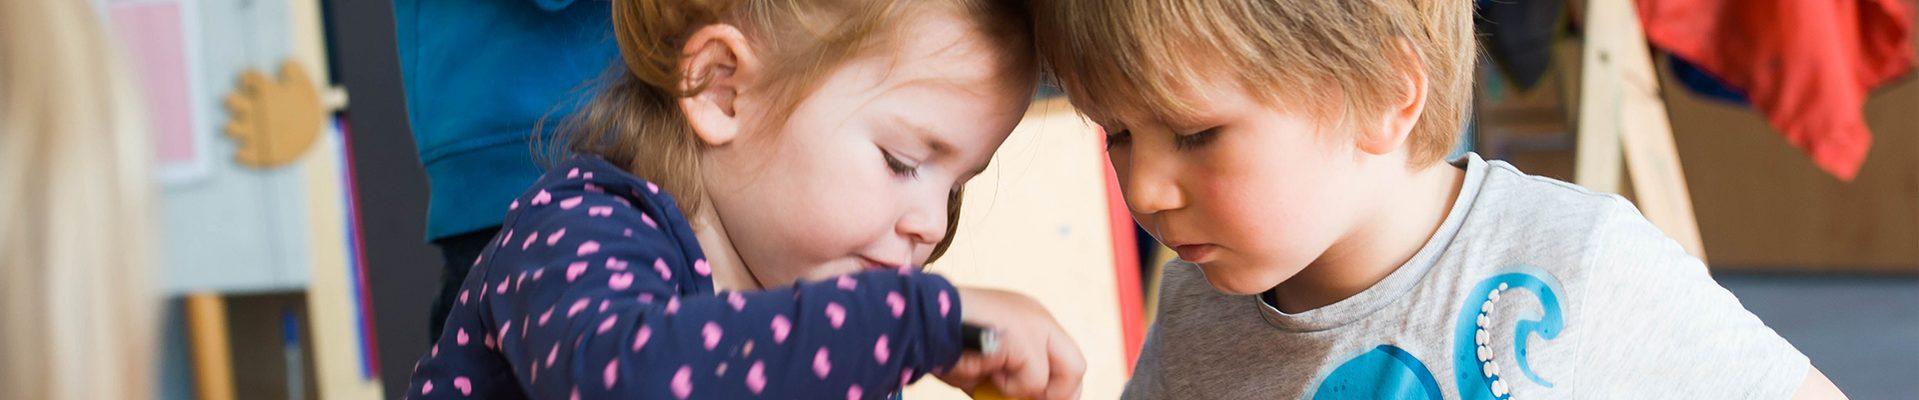 Headerbild Kindertageseinrichtungen: Junge und Mädchen beim Spiel in einer Kita